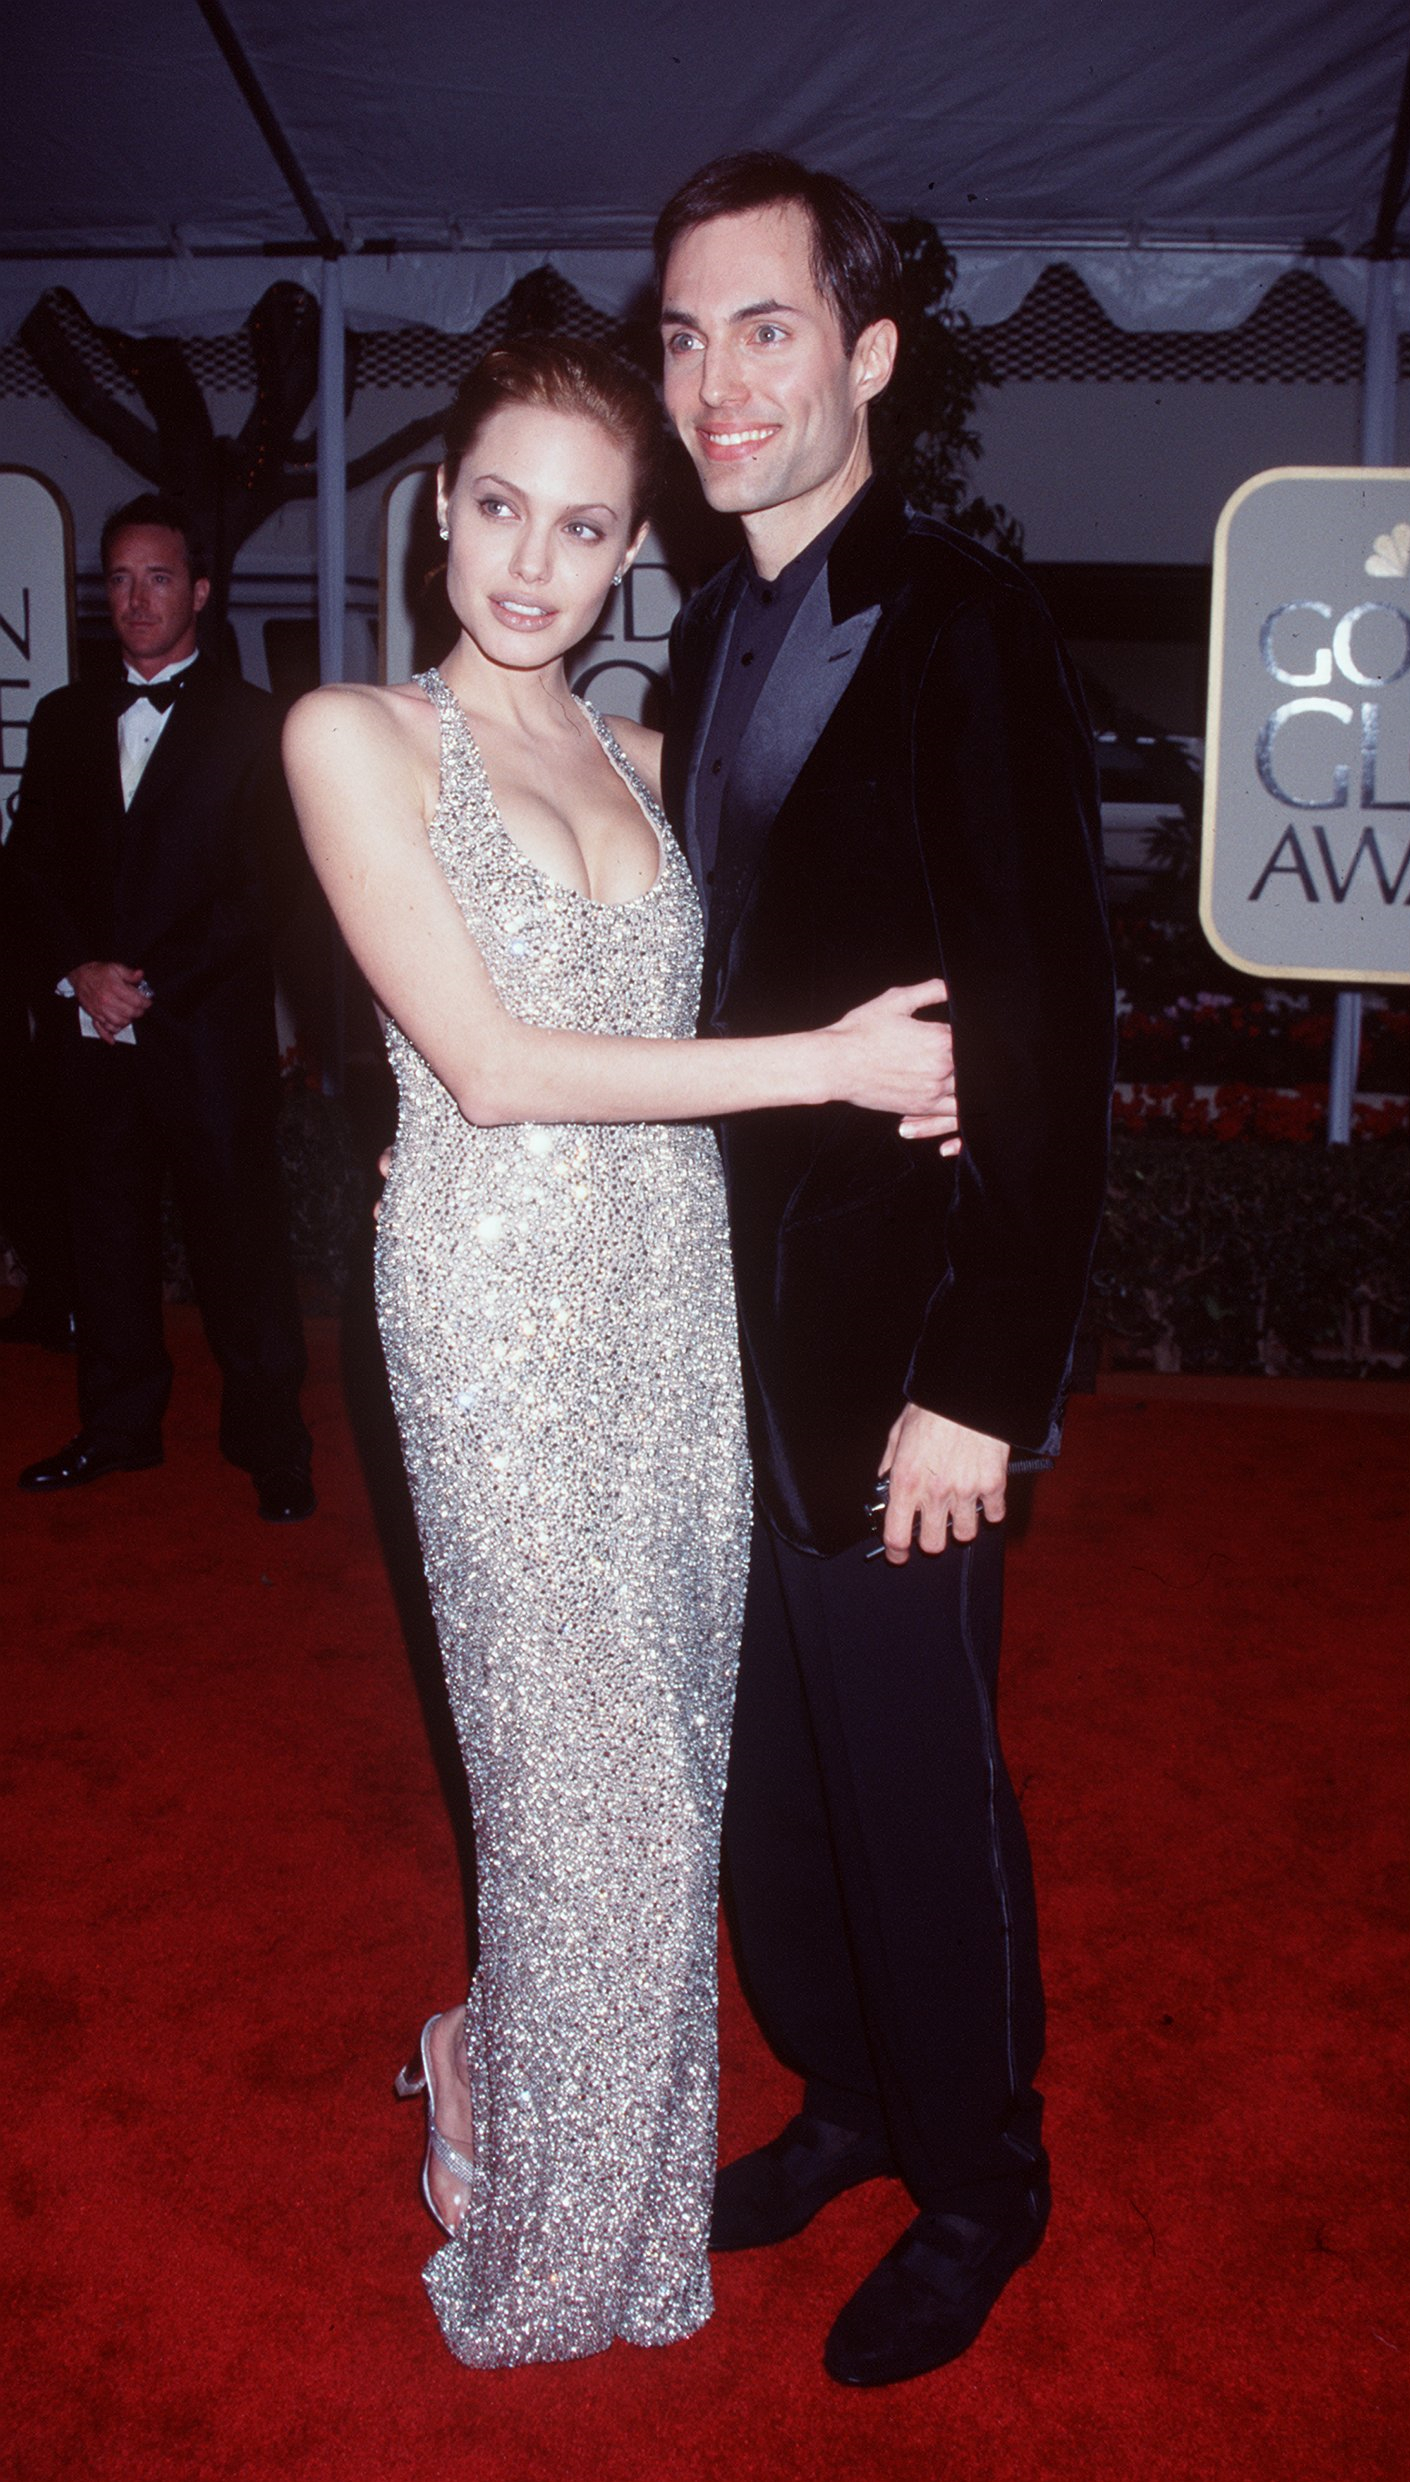 """Анджелина Джоли печели награда """"Златен глобус"""" за ролята си в сериала на HBO Gia. На церемонията тя се появява със своя брат Джеймс Хейвън."""